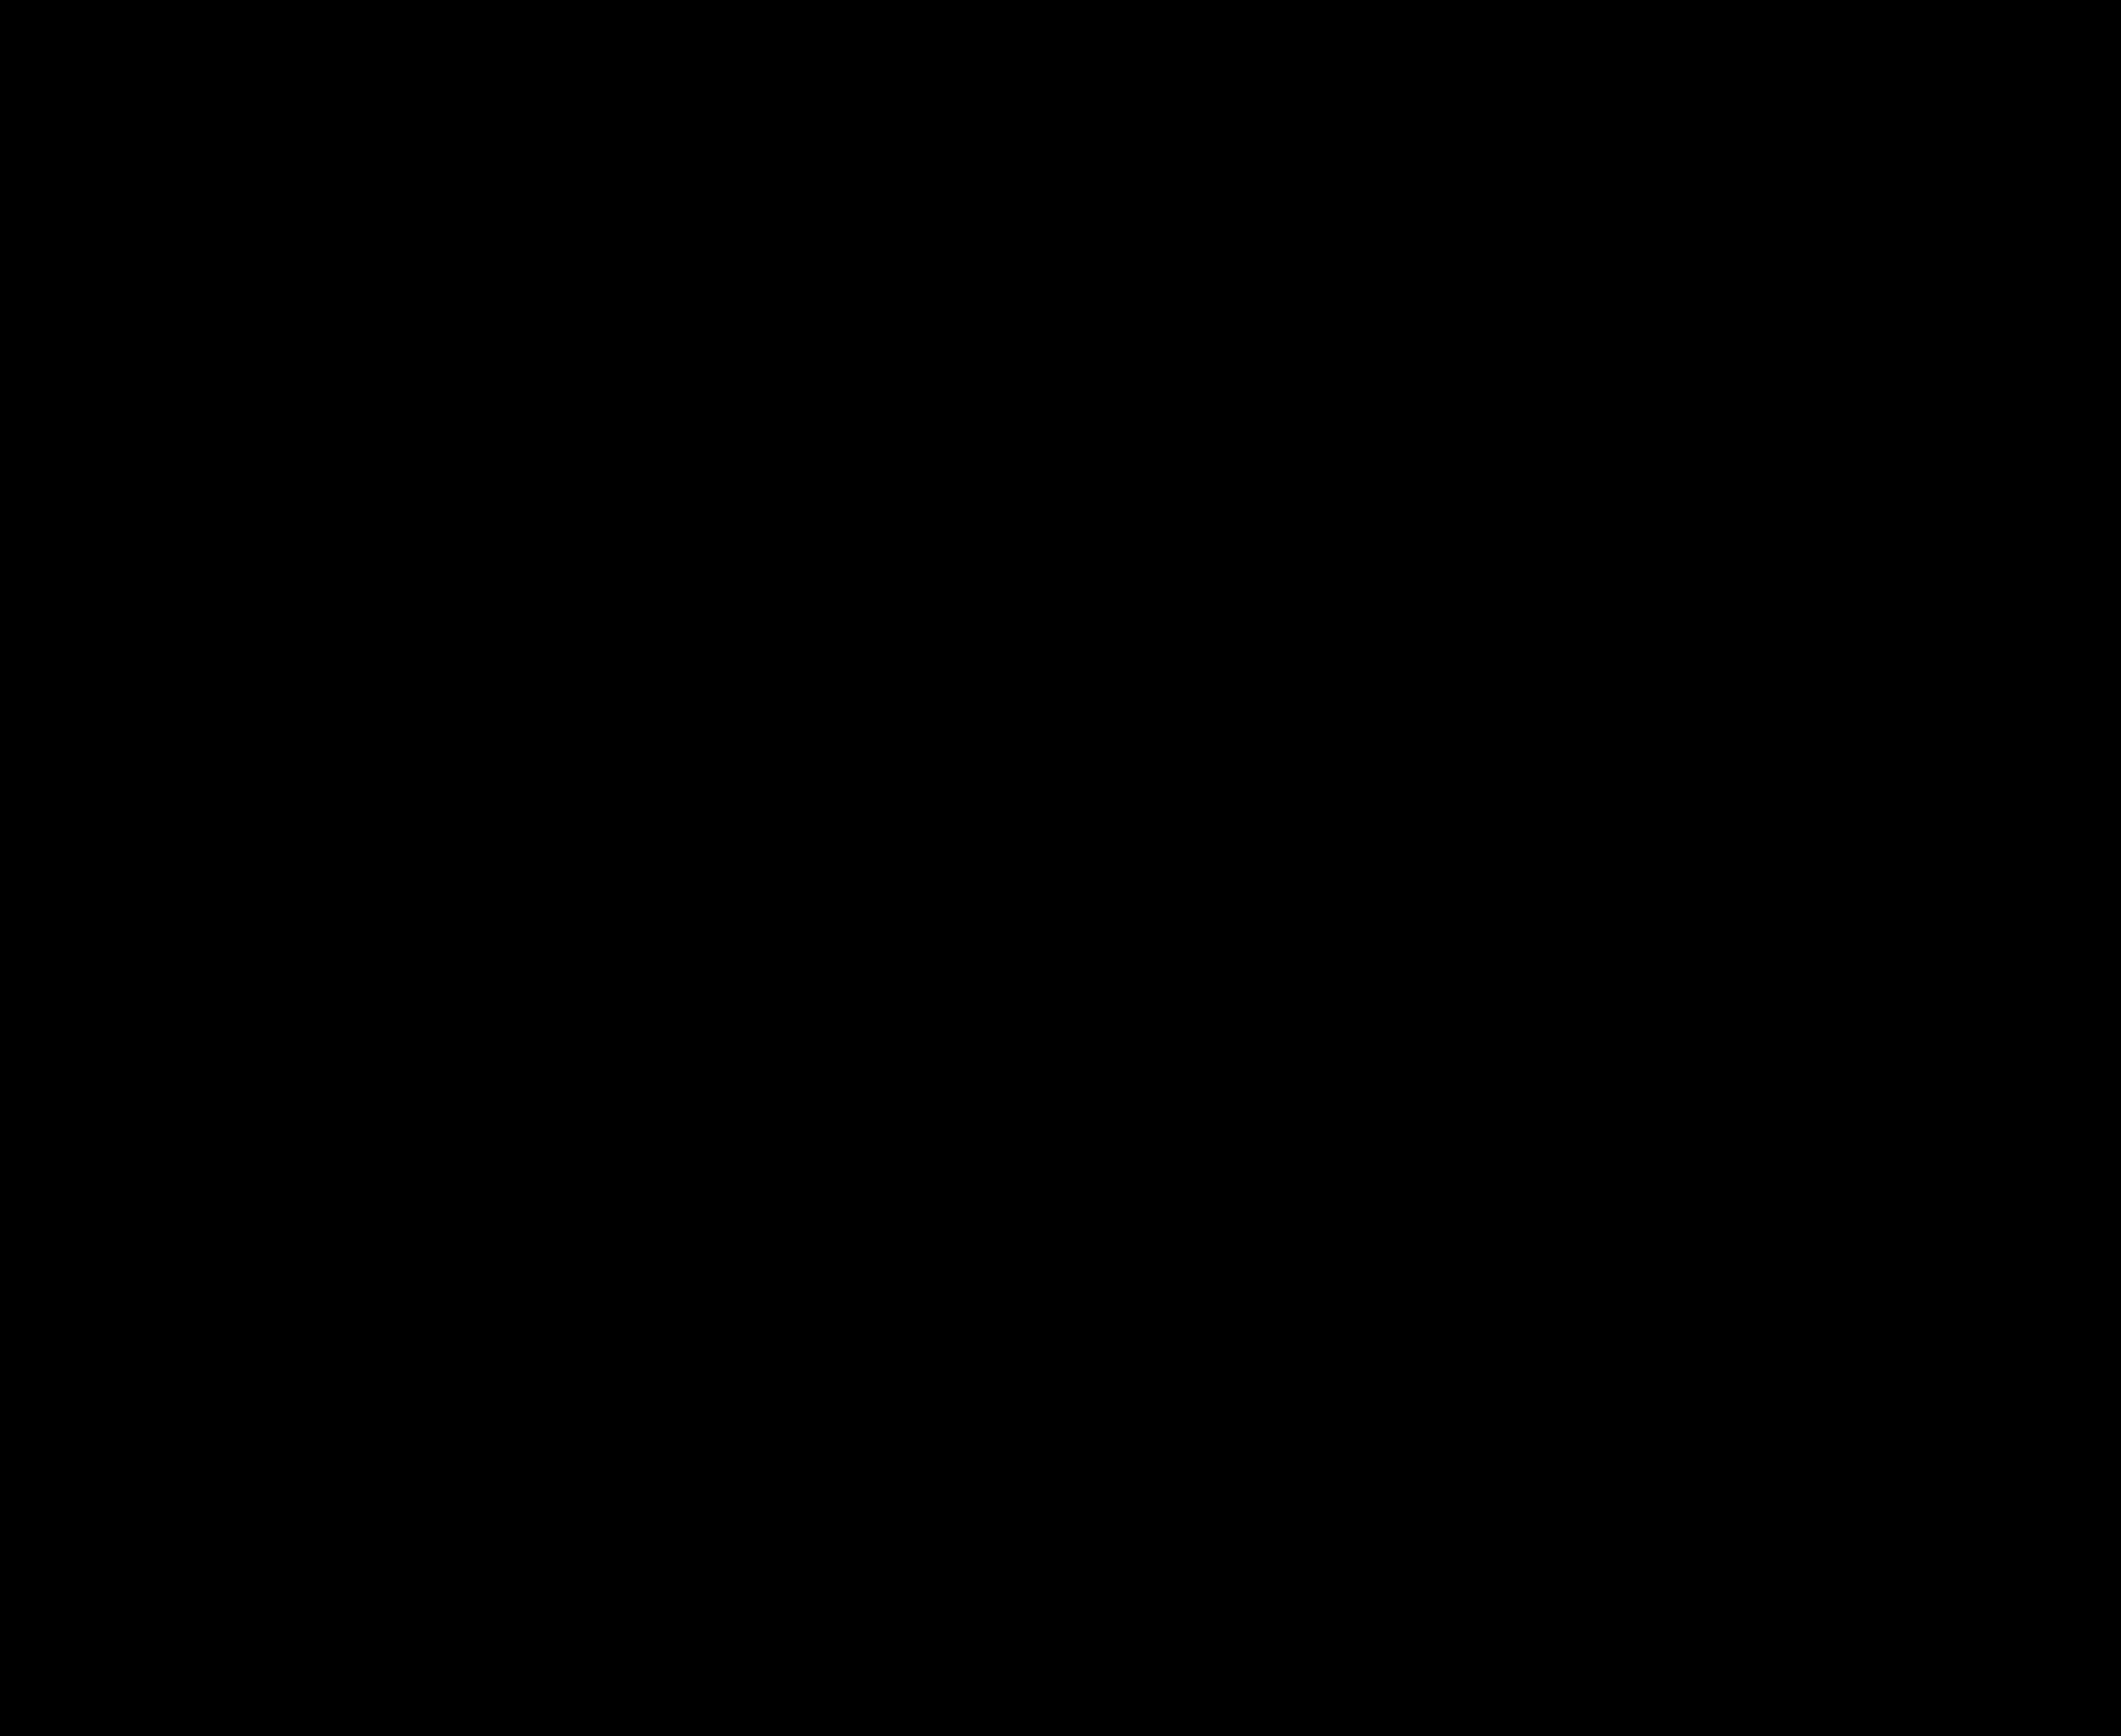 Kubek M 010 150g (0,9)